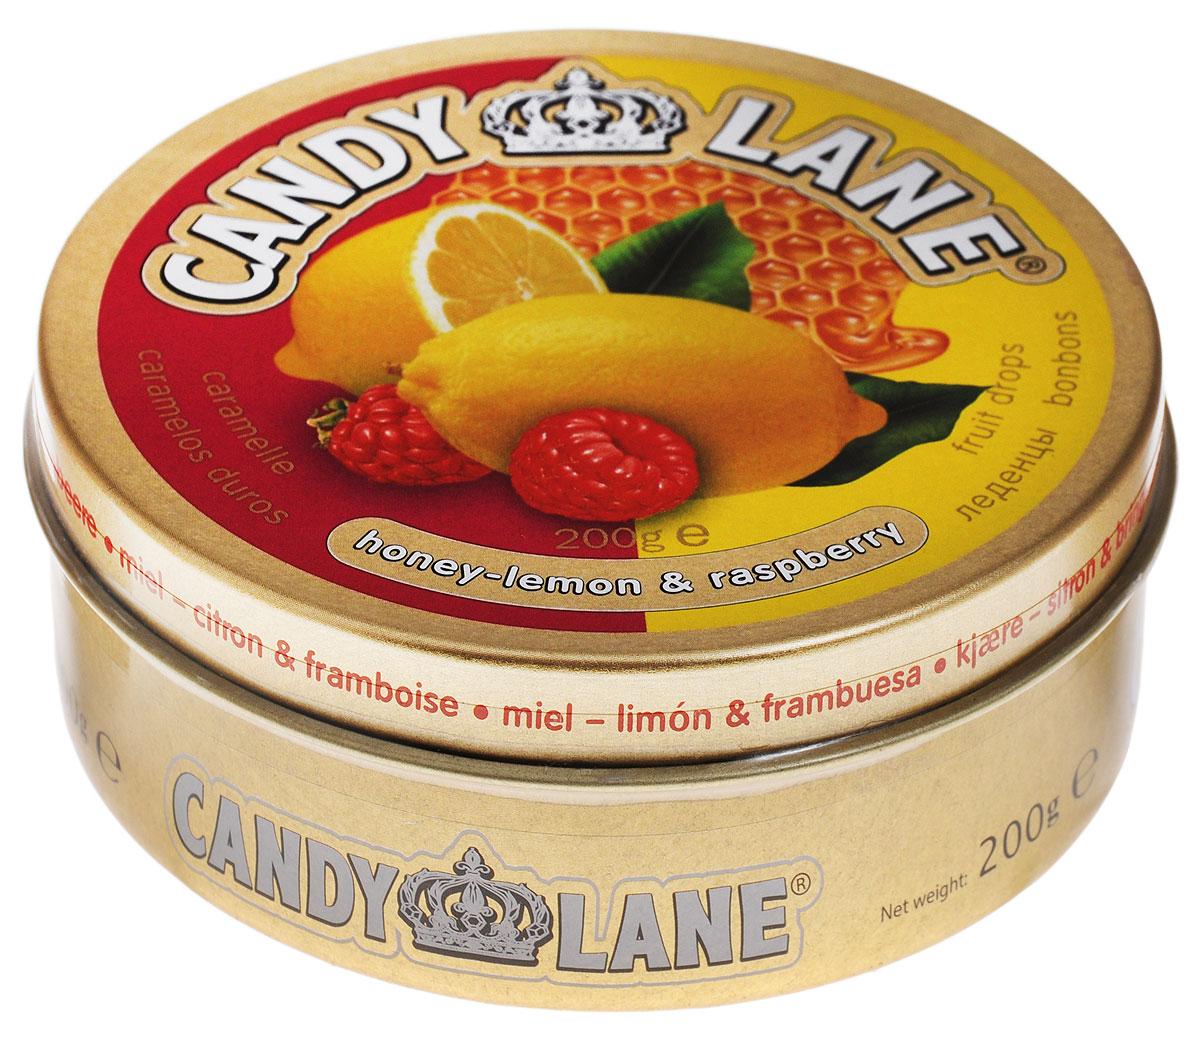 Candy Lane - это леденцы премиум-класса со вкусом меда, лимона и малины. Конфеты в жестяной банке отлично сохраняют свежесть вкуса, кроме того их легко и удобно взять с собой.